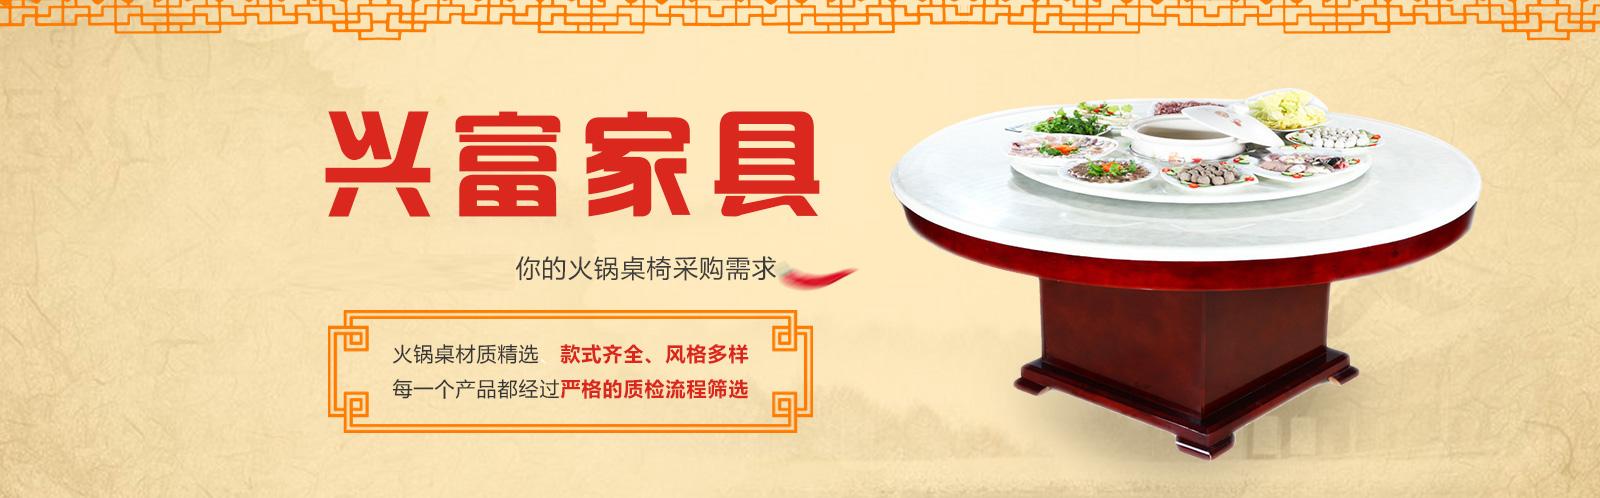 重庆优德体育w88官网手机版桌